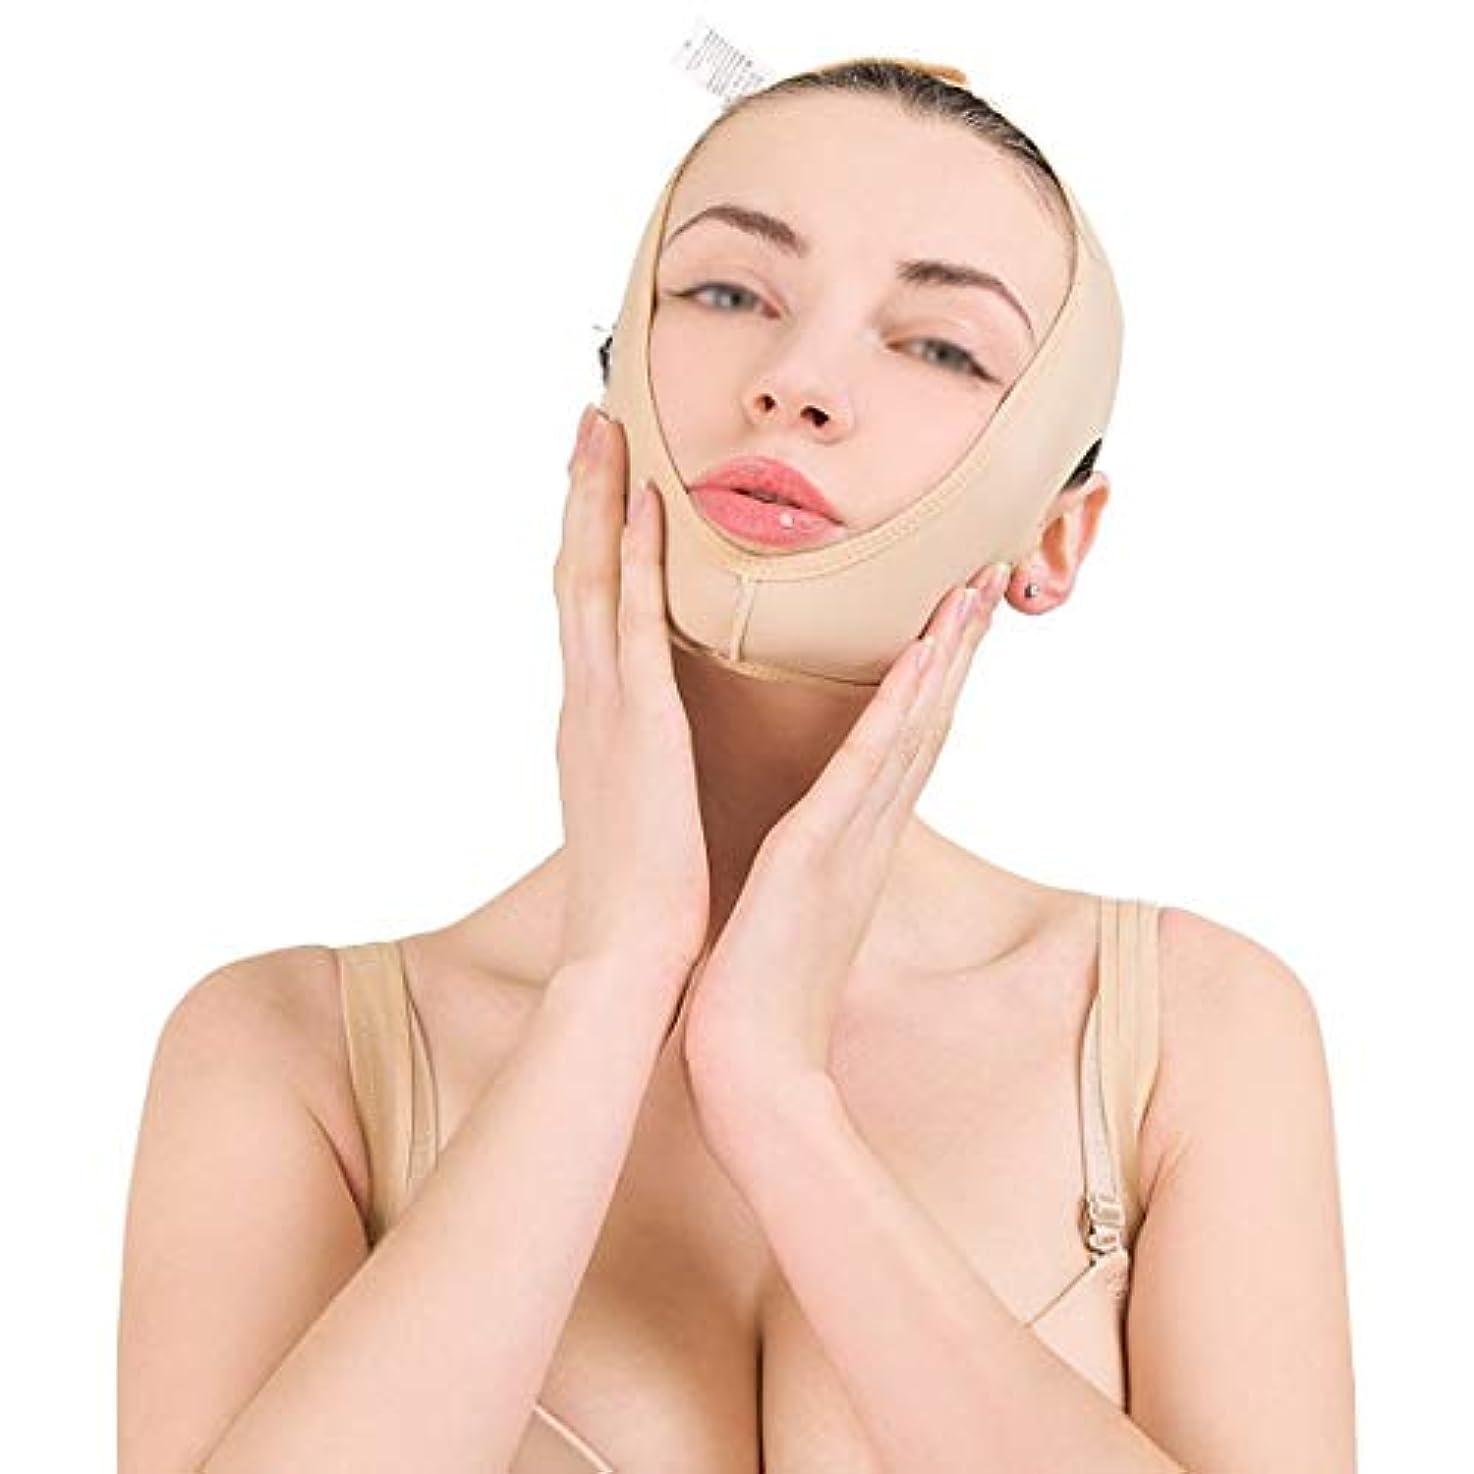 ゴミ箱石油に渡ってZWBD フェイスマスク, フェイスリフティング包帯フェイシャルリフティング痩身Vリダクションフェイスダブルチンケア減量美容ベルト (Size : XL)